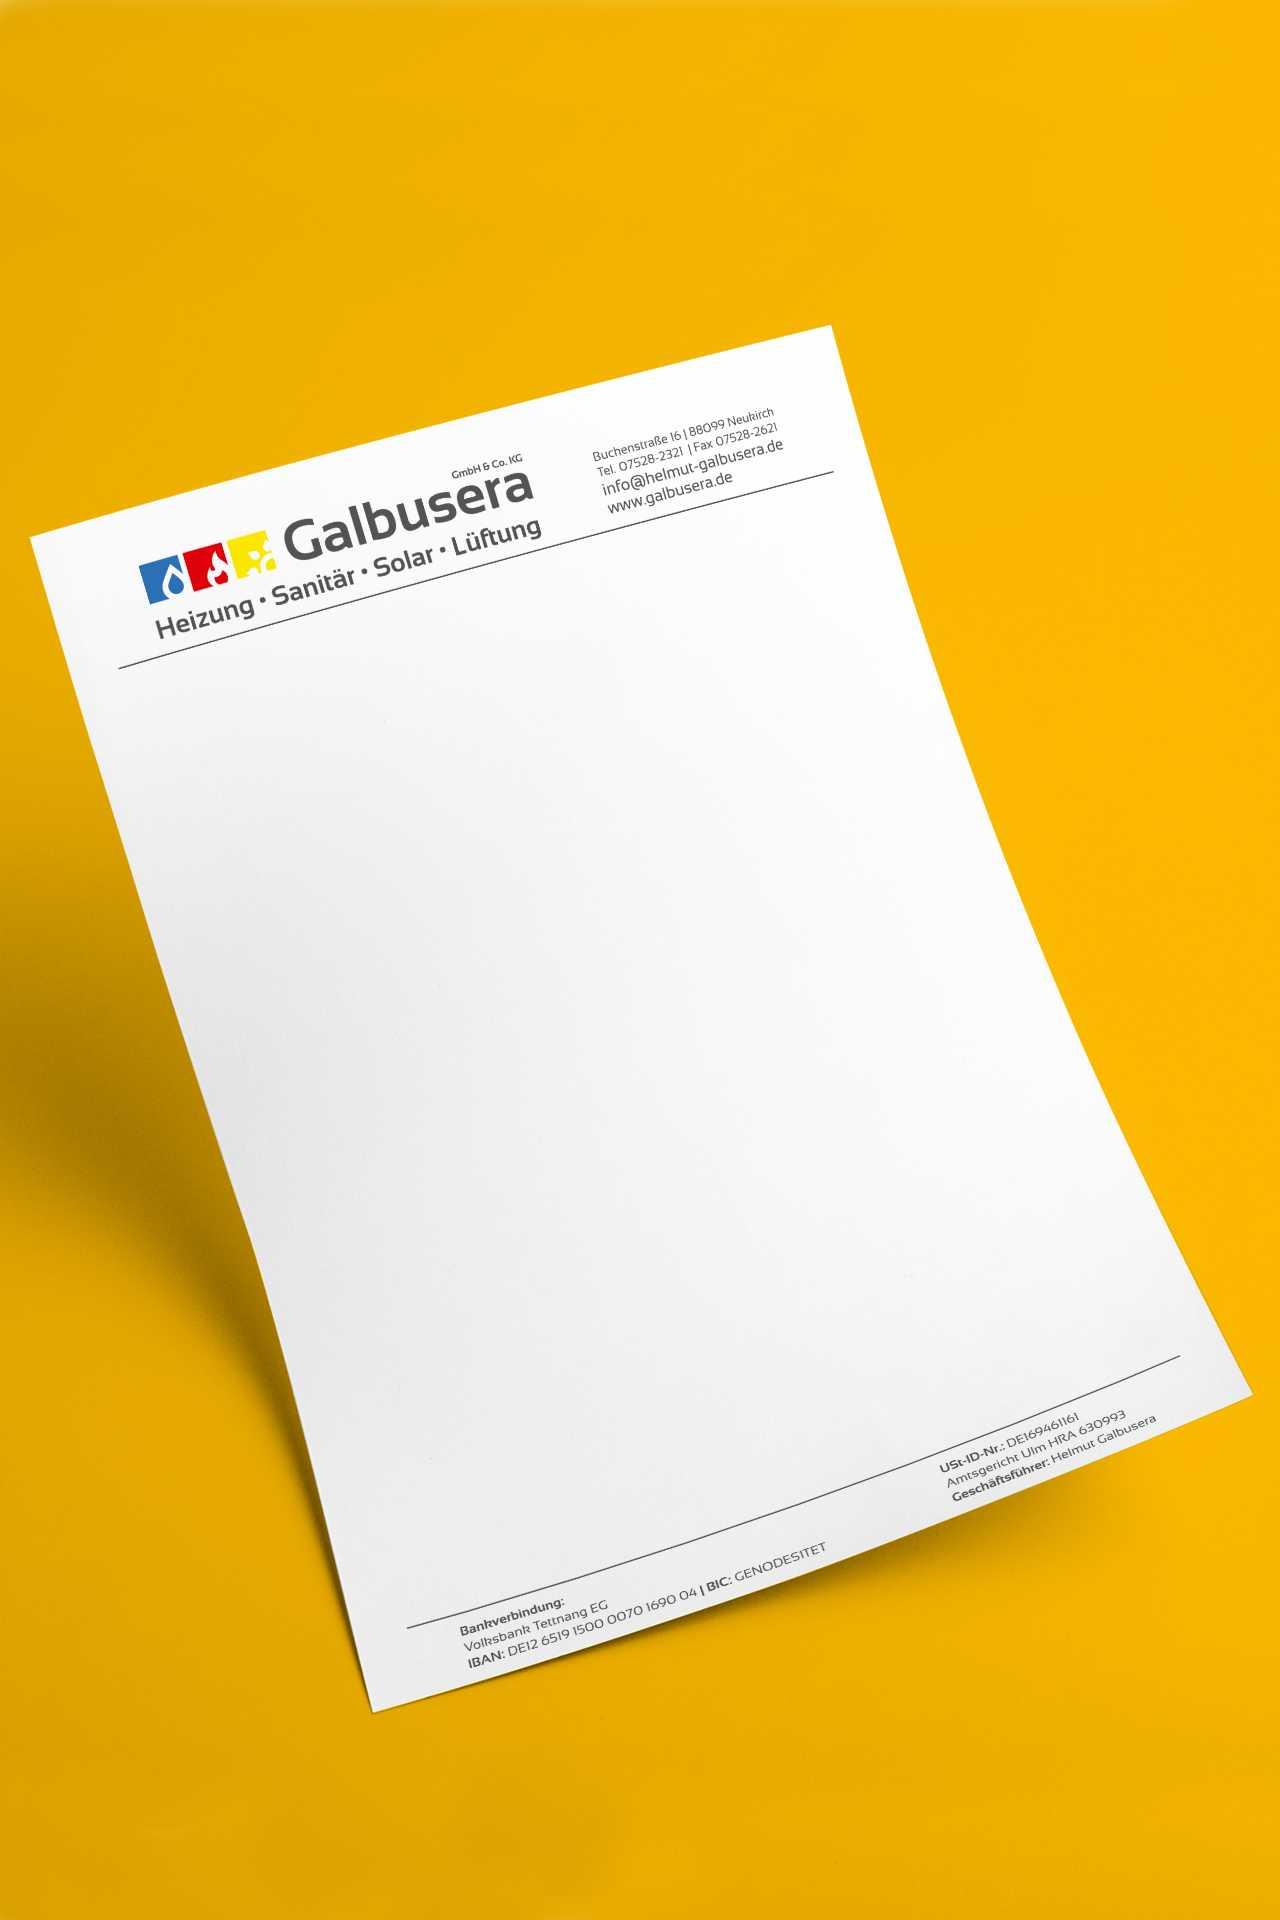 Briefpapier_Galbusera_Ref_Briefpapier